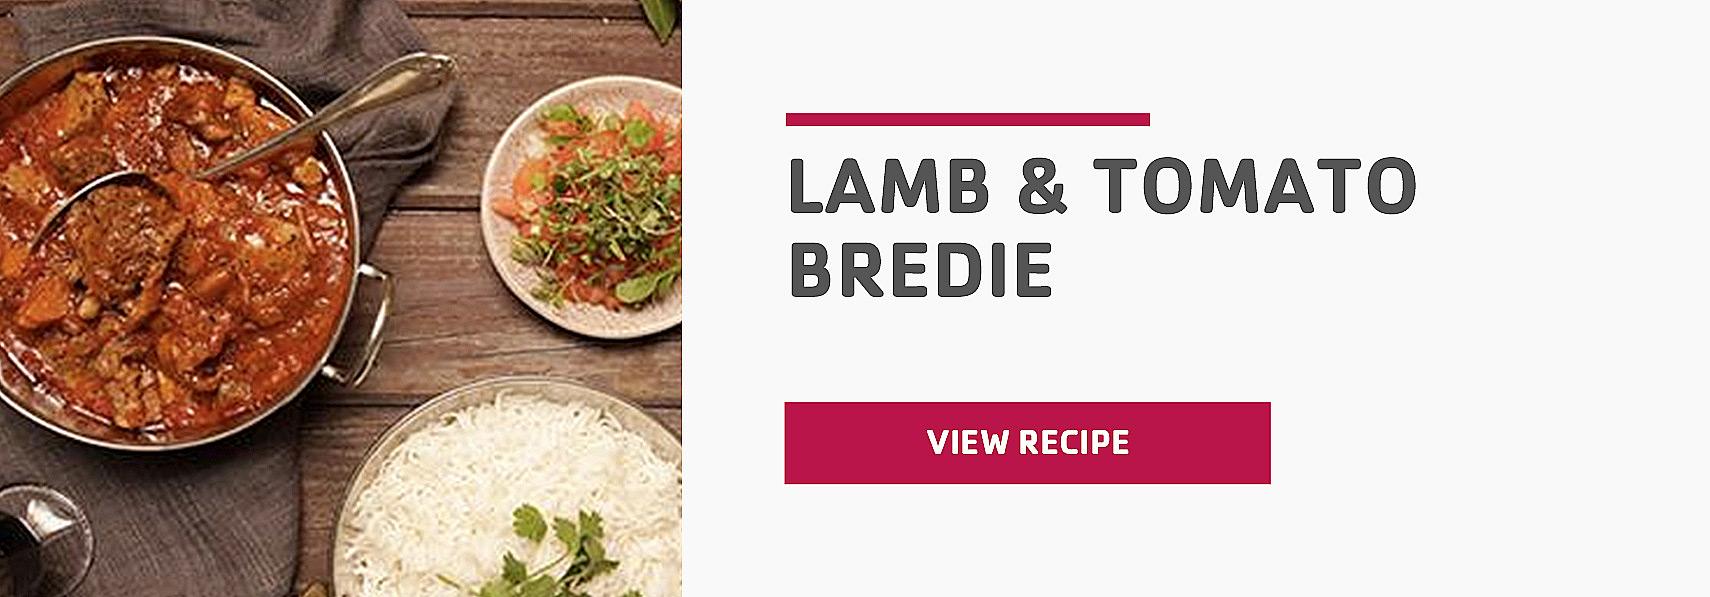 bredie-listing-page-banner.jpg